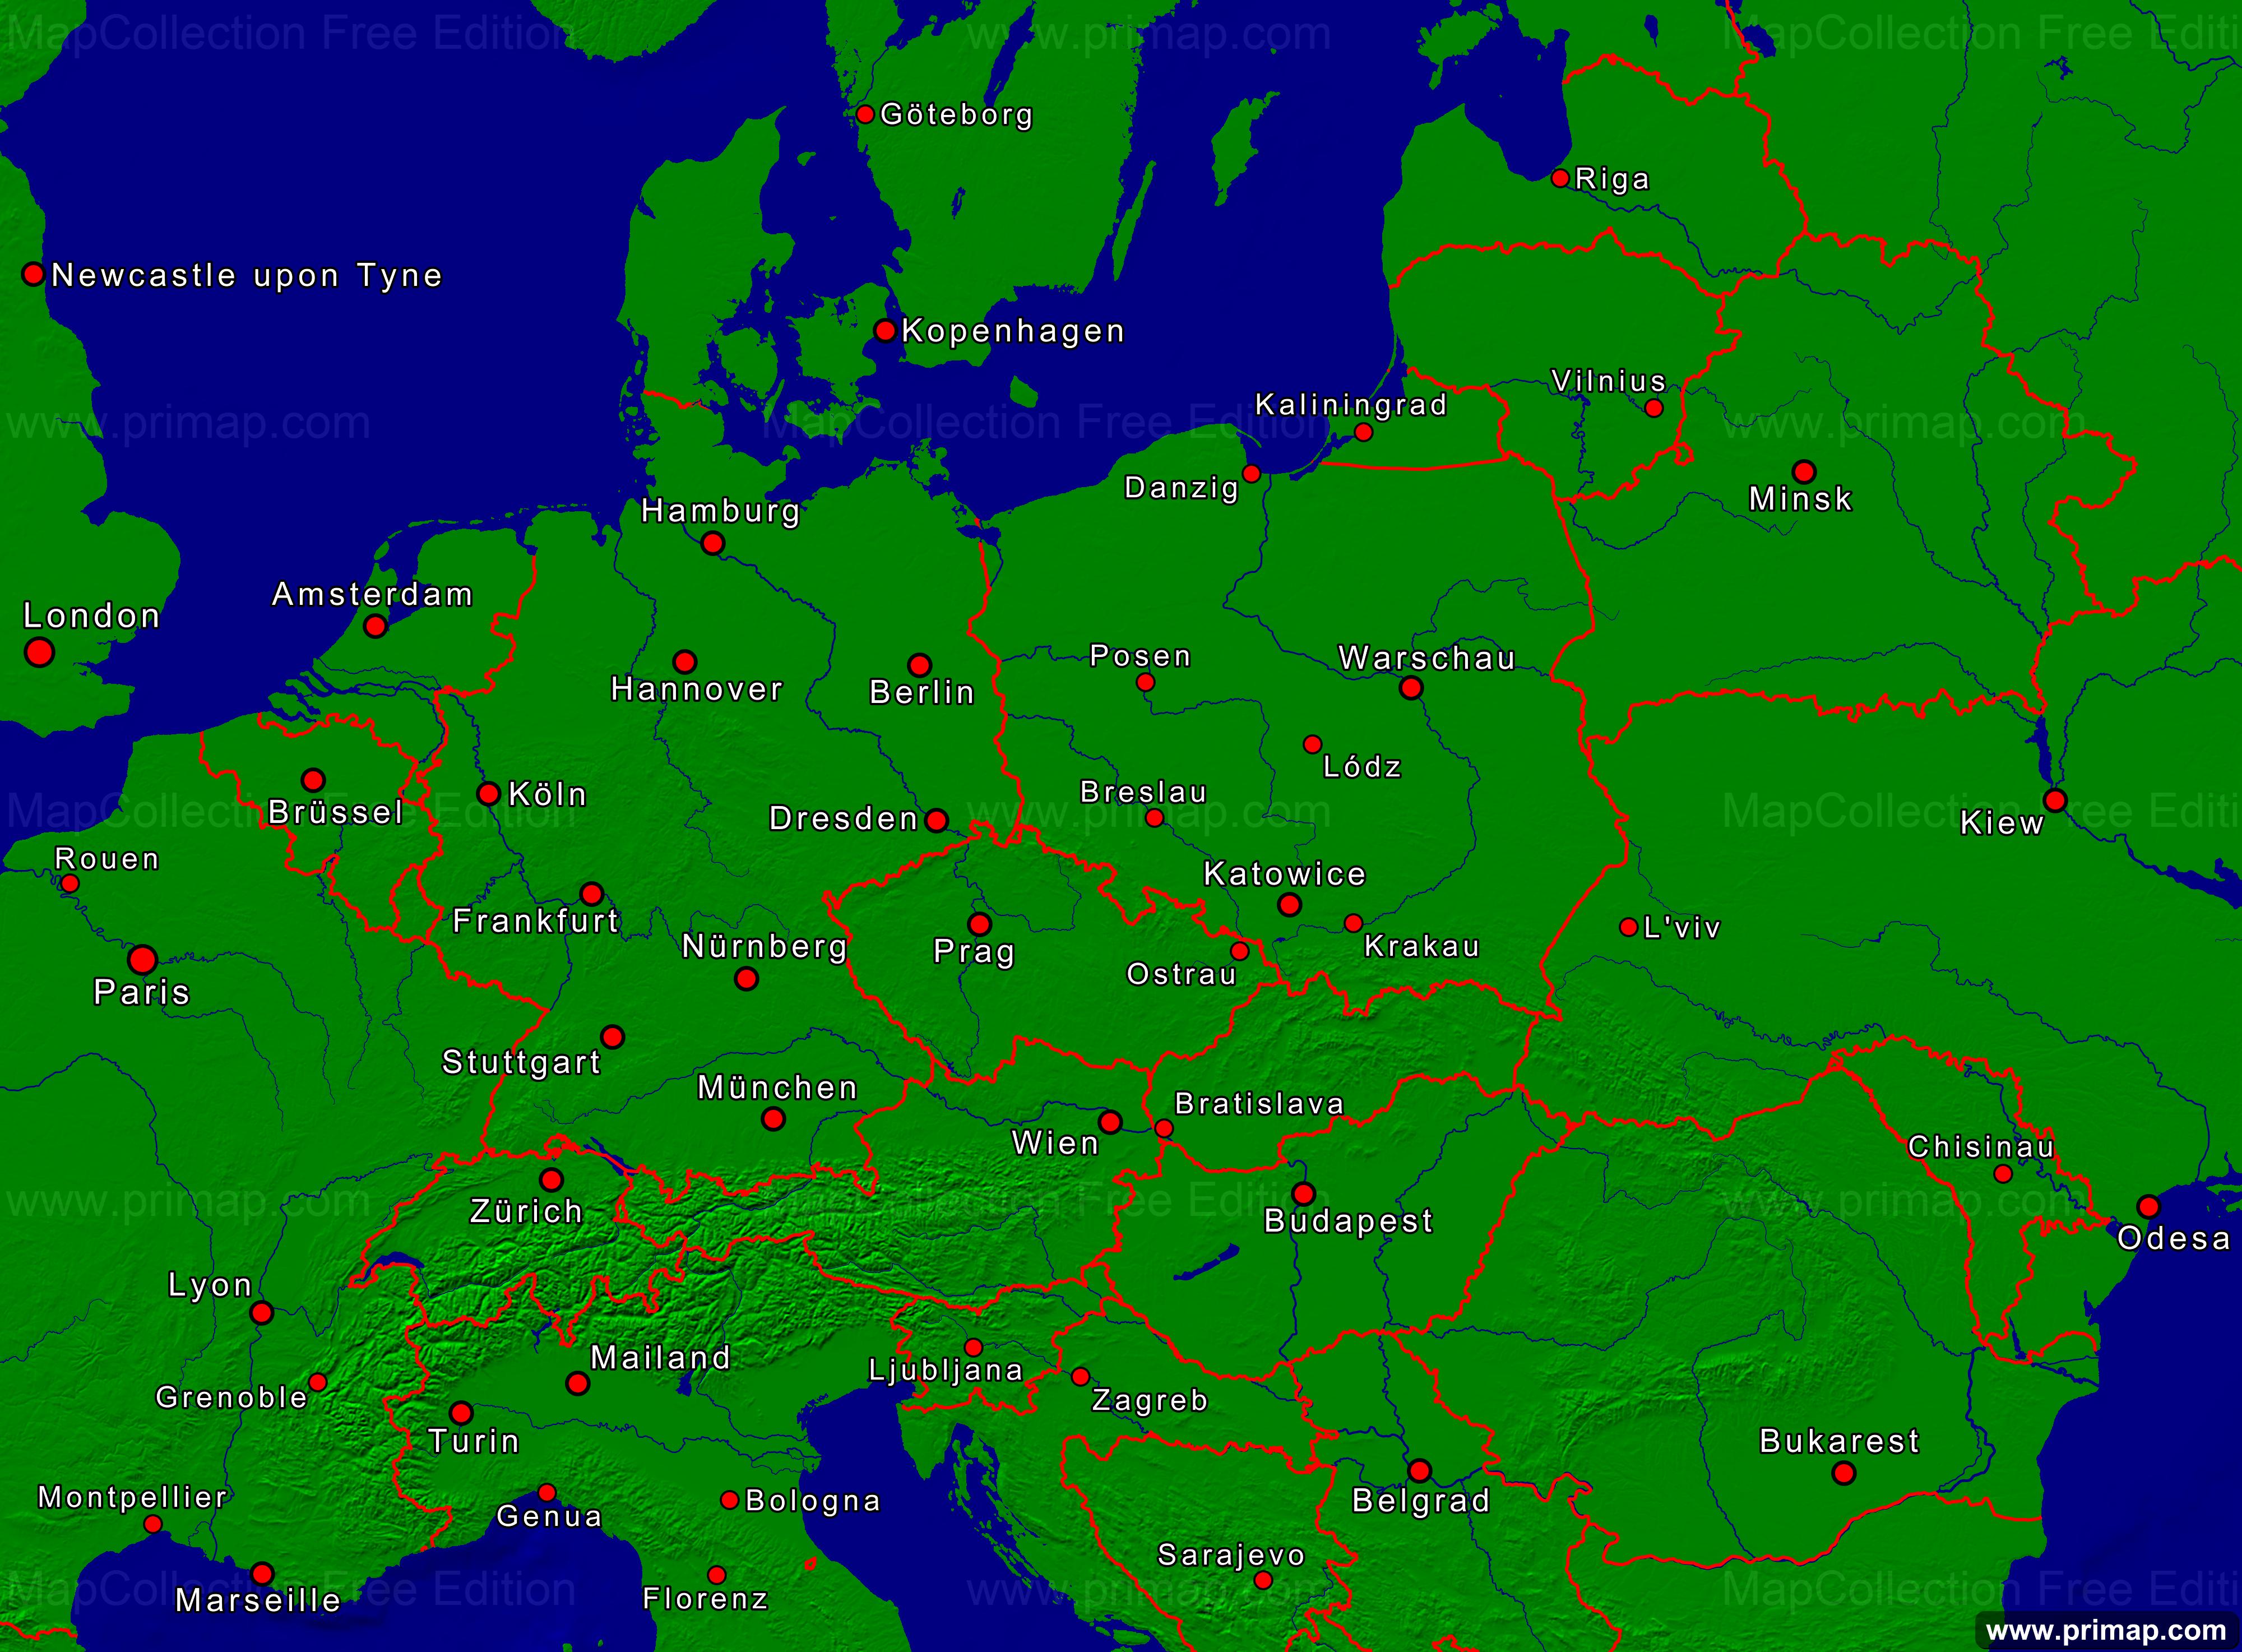 Karte Von Europa Mit Städten.Karte Städte Europa My Blog